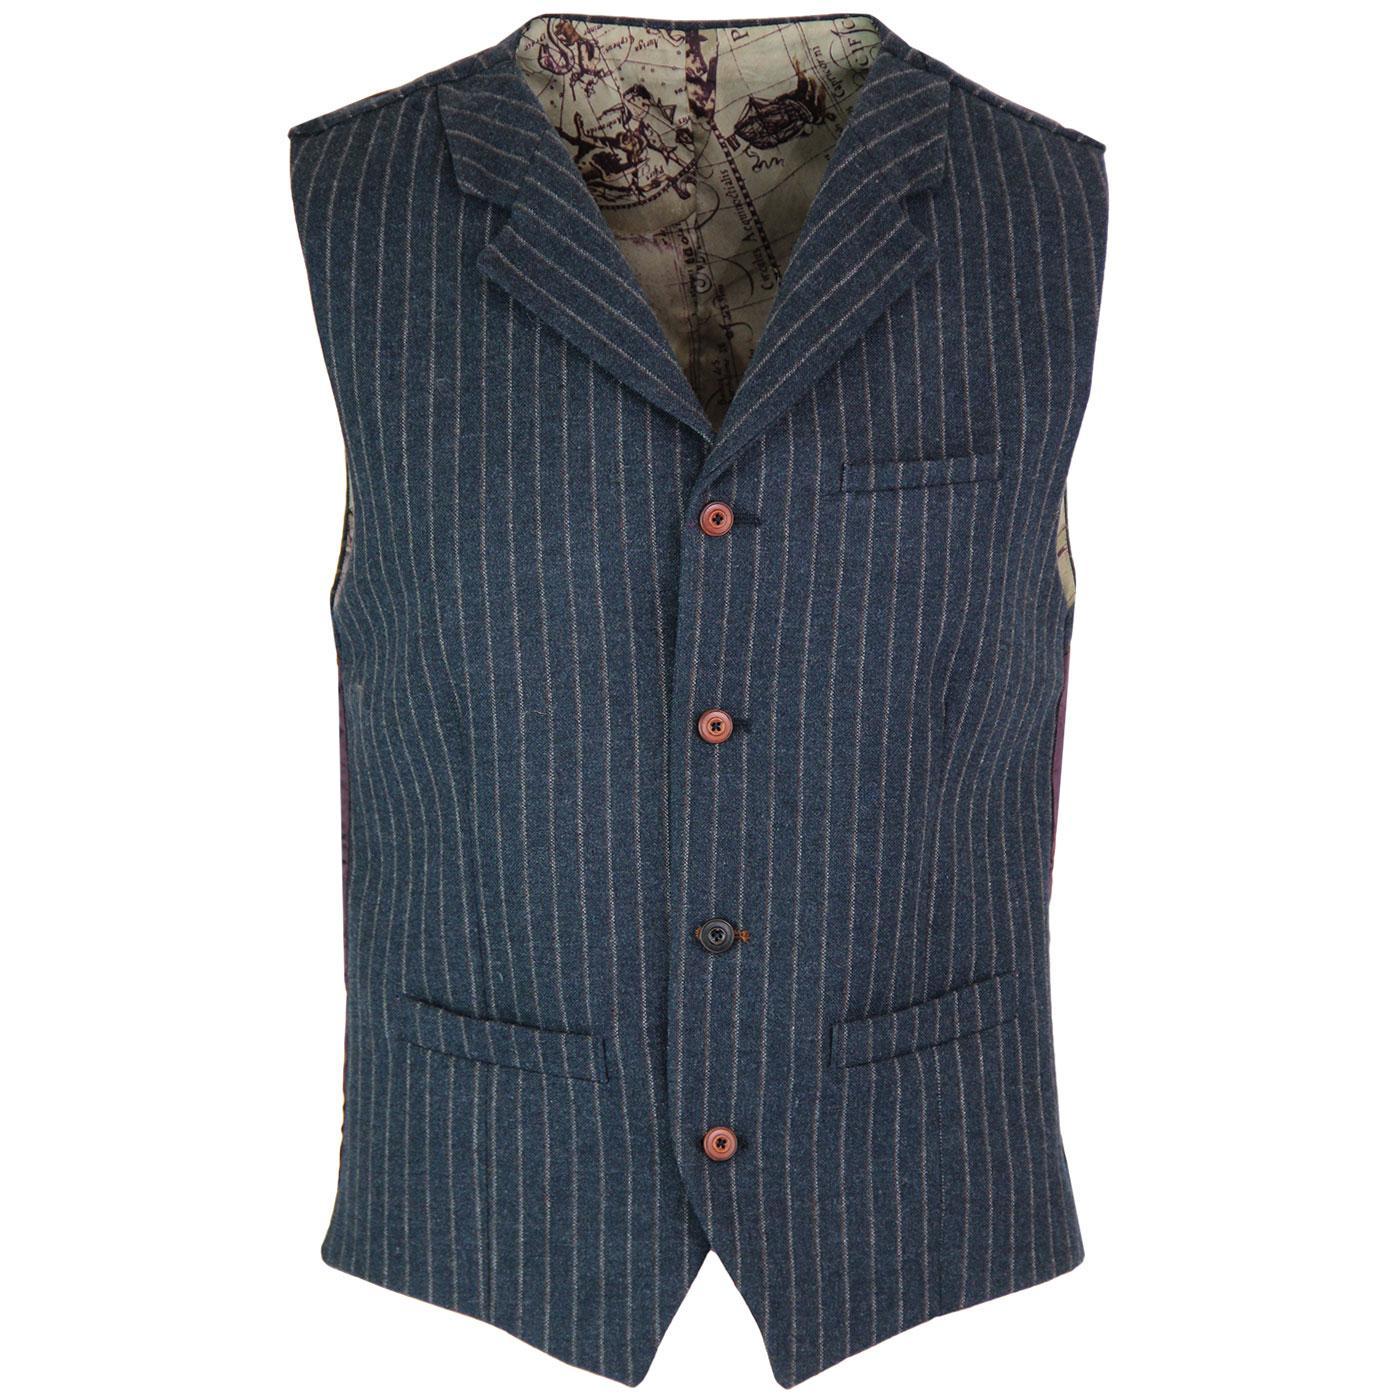 GIBSON LONDON Mod Pinstripe Lapel Waistcoat (Blue)